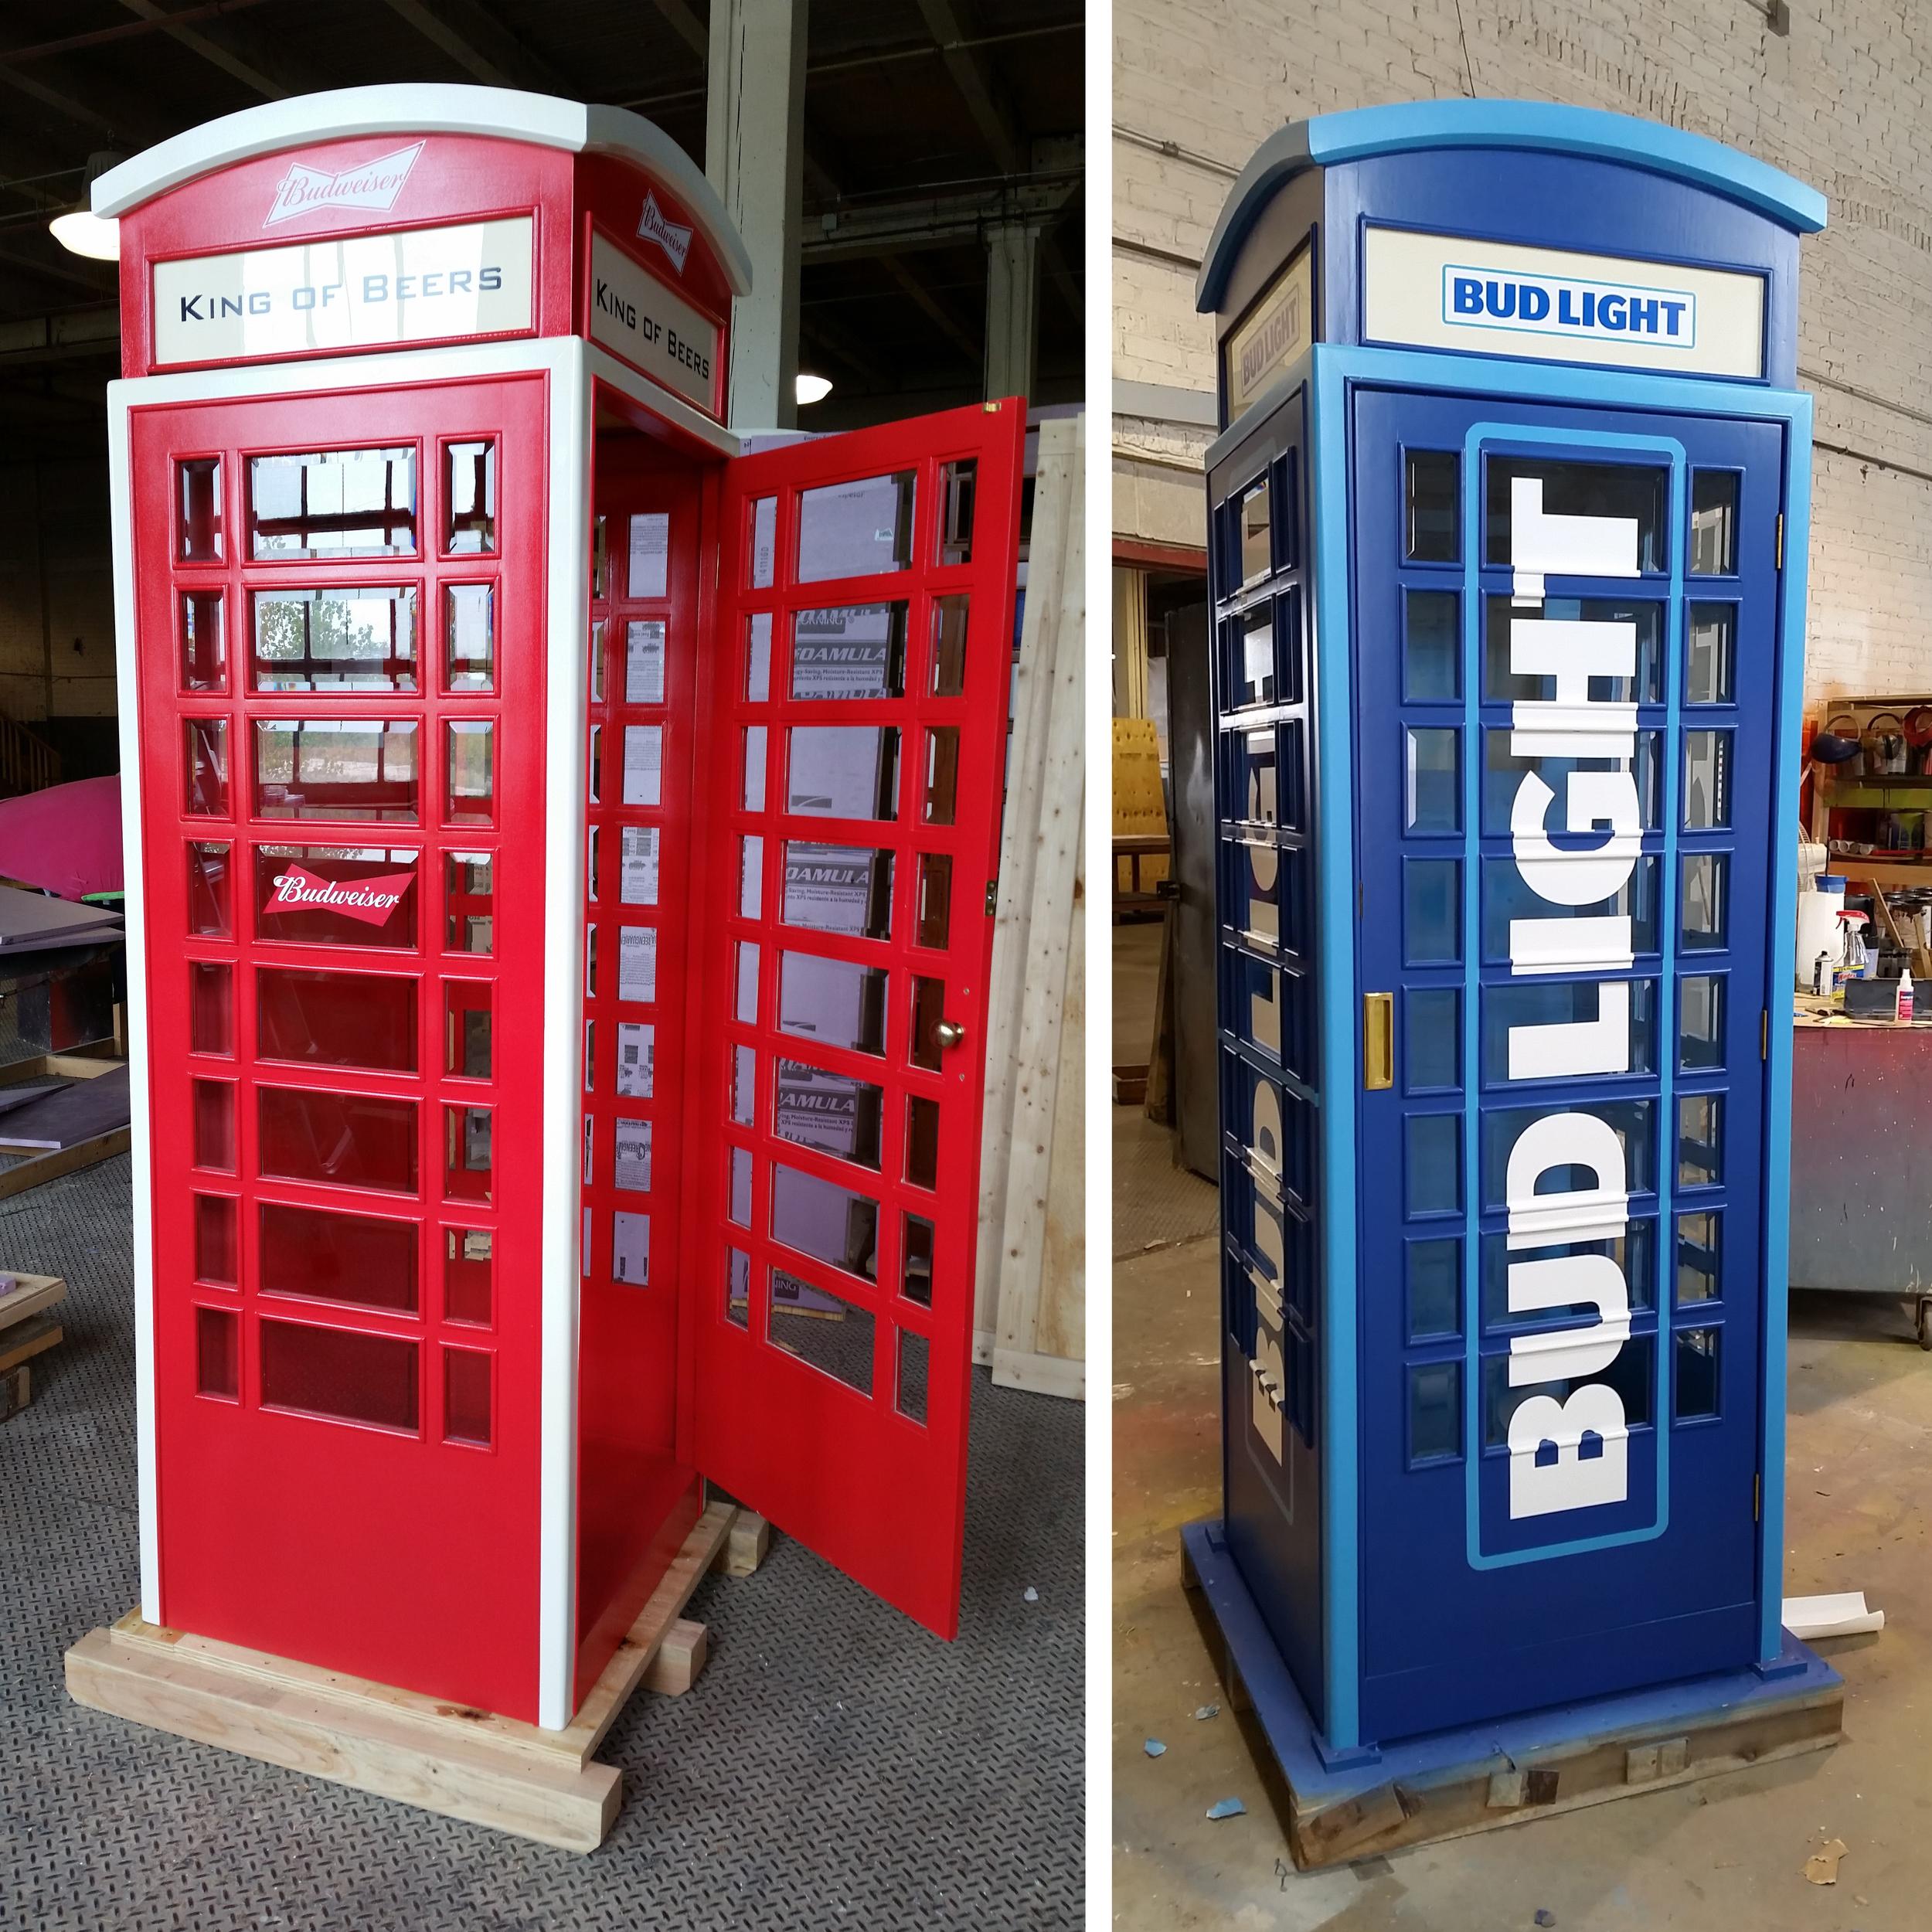 Anheuser Busch Phonebooths